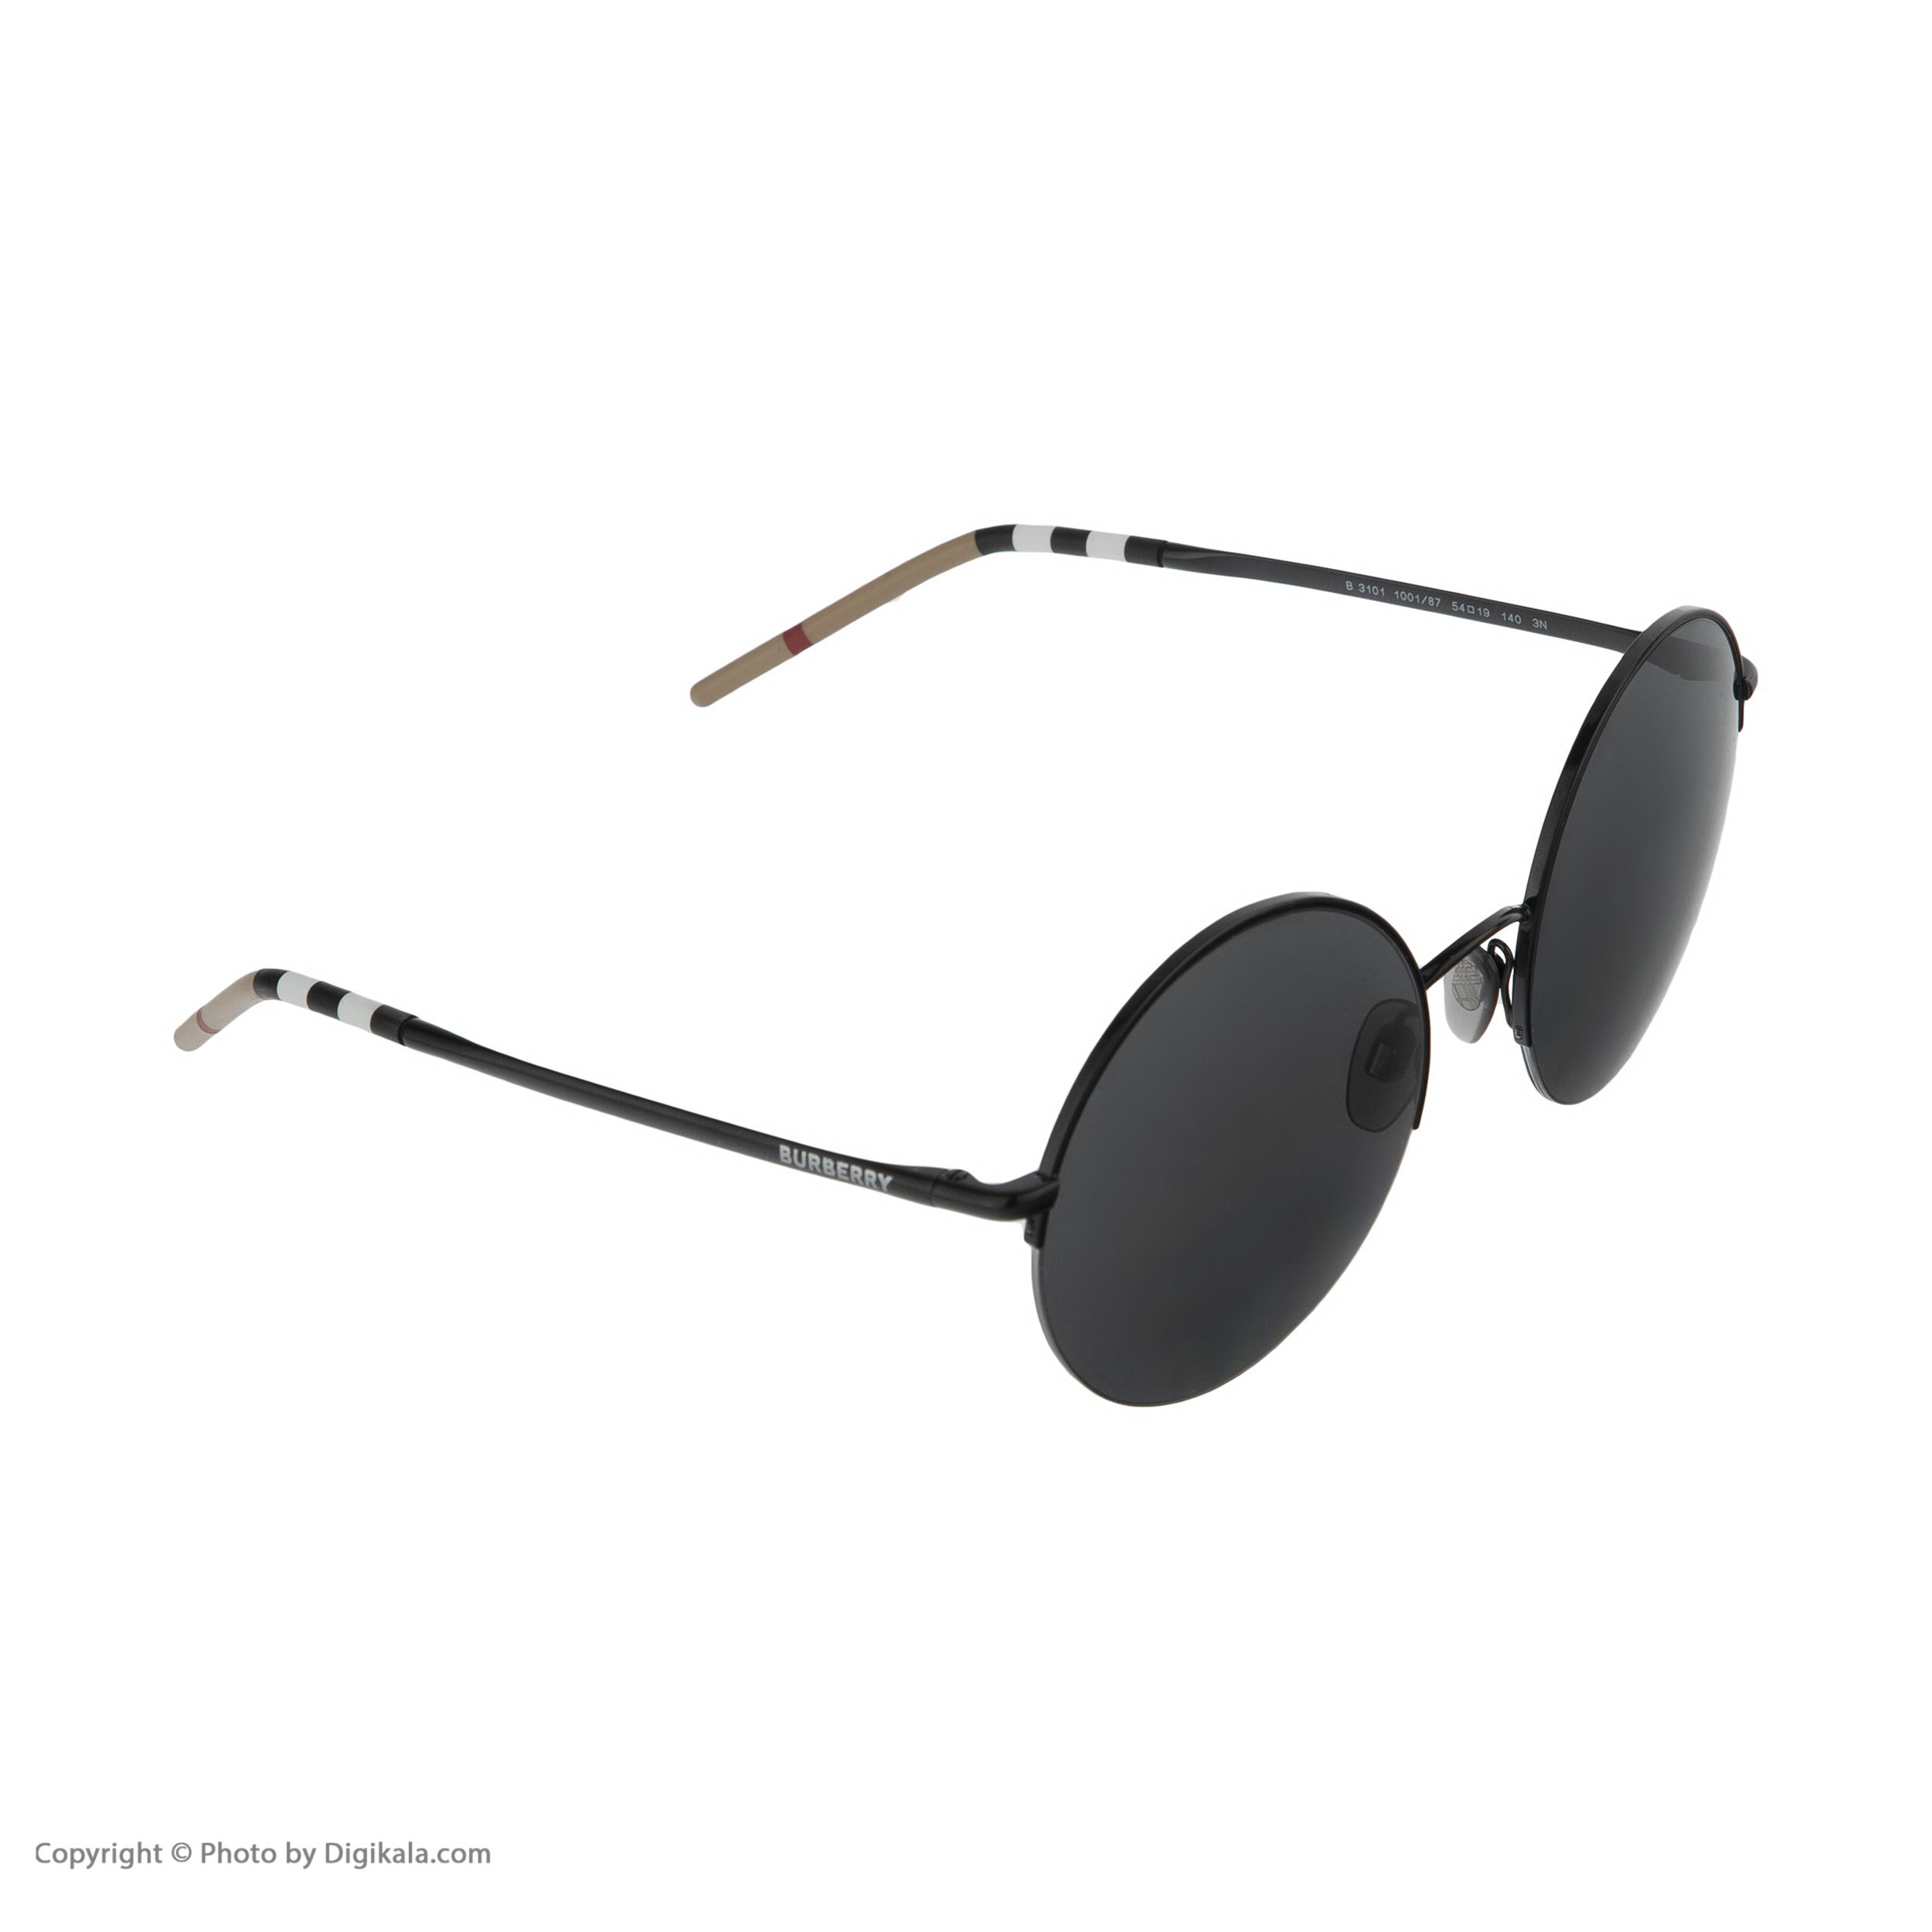 عینک آفتابی زنانه بربری مدل BE 3101S 100187 54 -  - 6